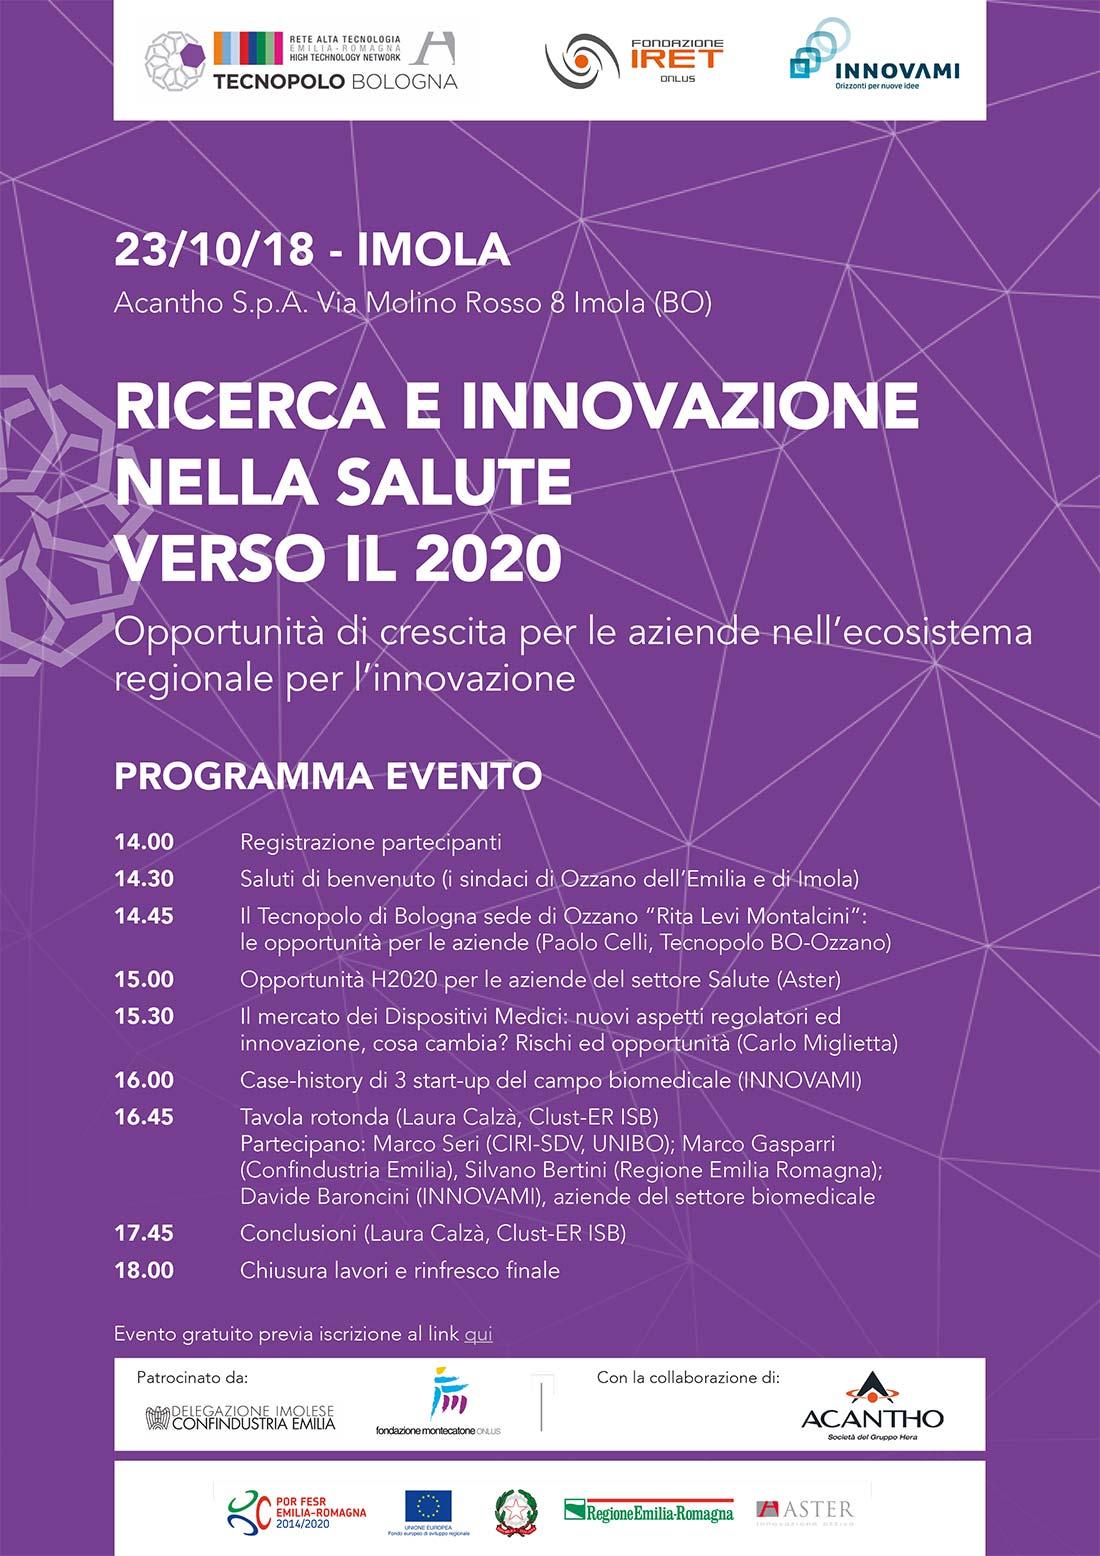 (Italiano) Ricerca e innovazione nella salute